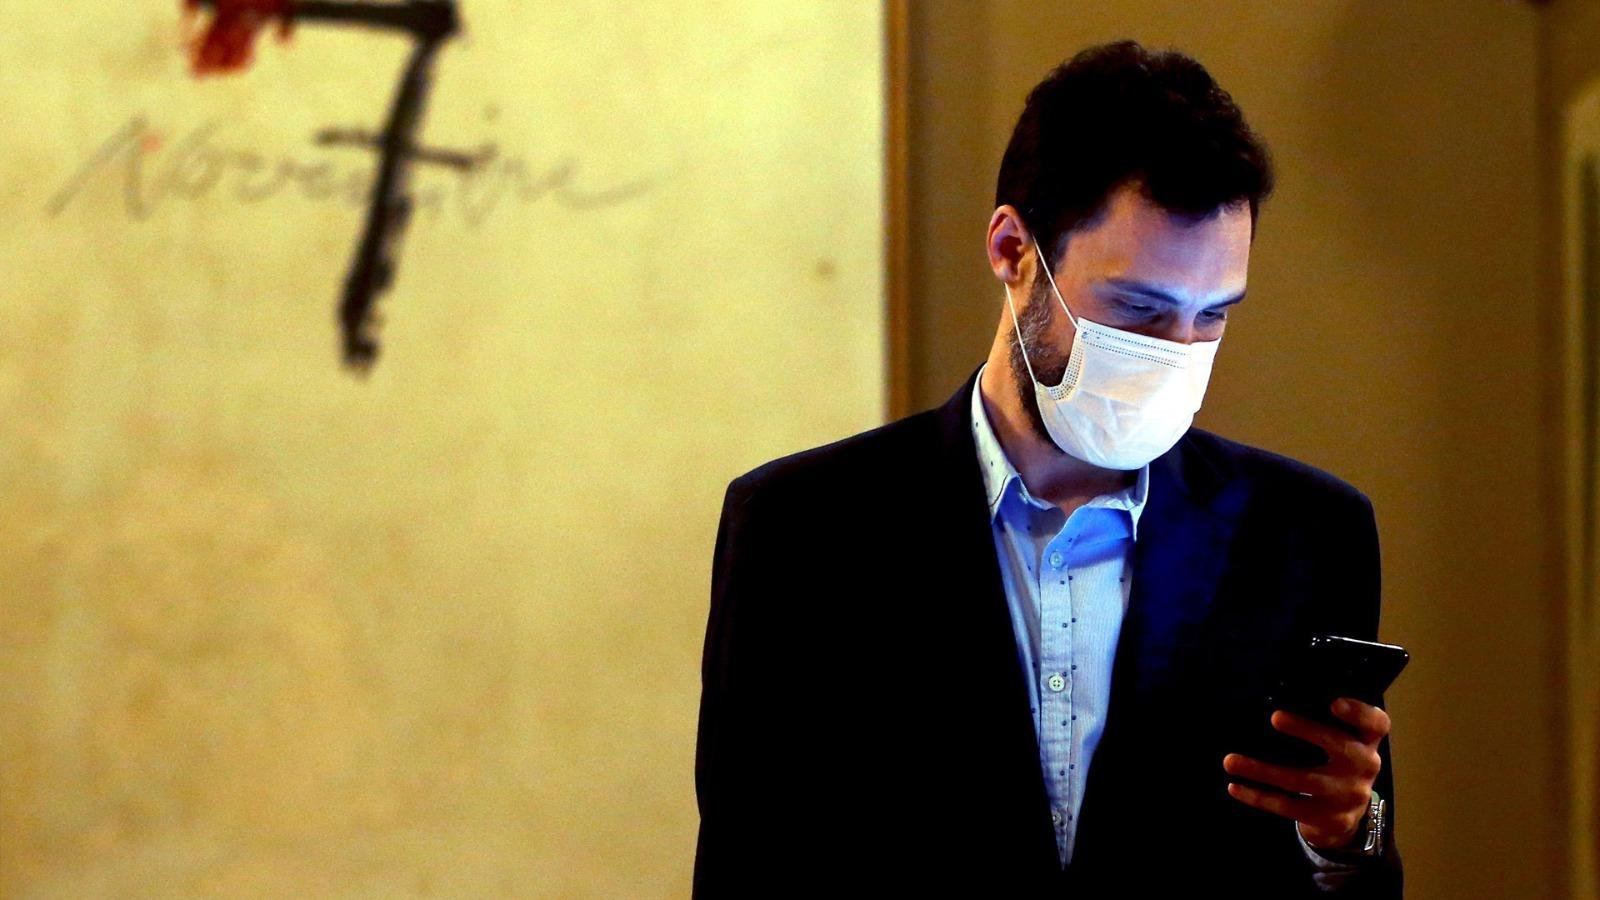 L'anàlisi d'Antoni Bassas: 'Quin estat podia tenir interès en espiar Torrent?'